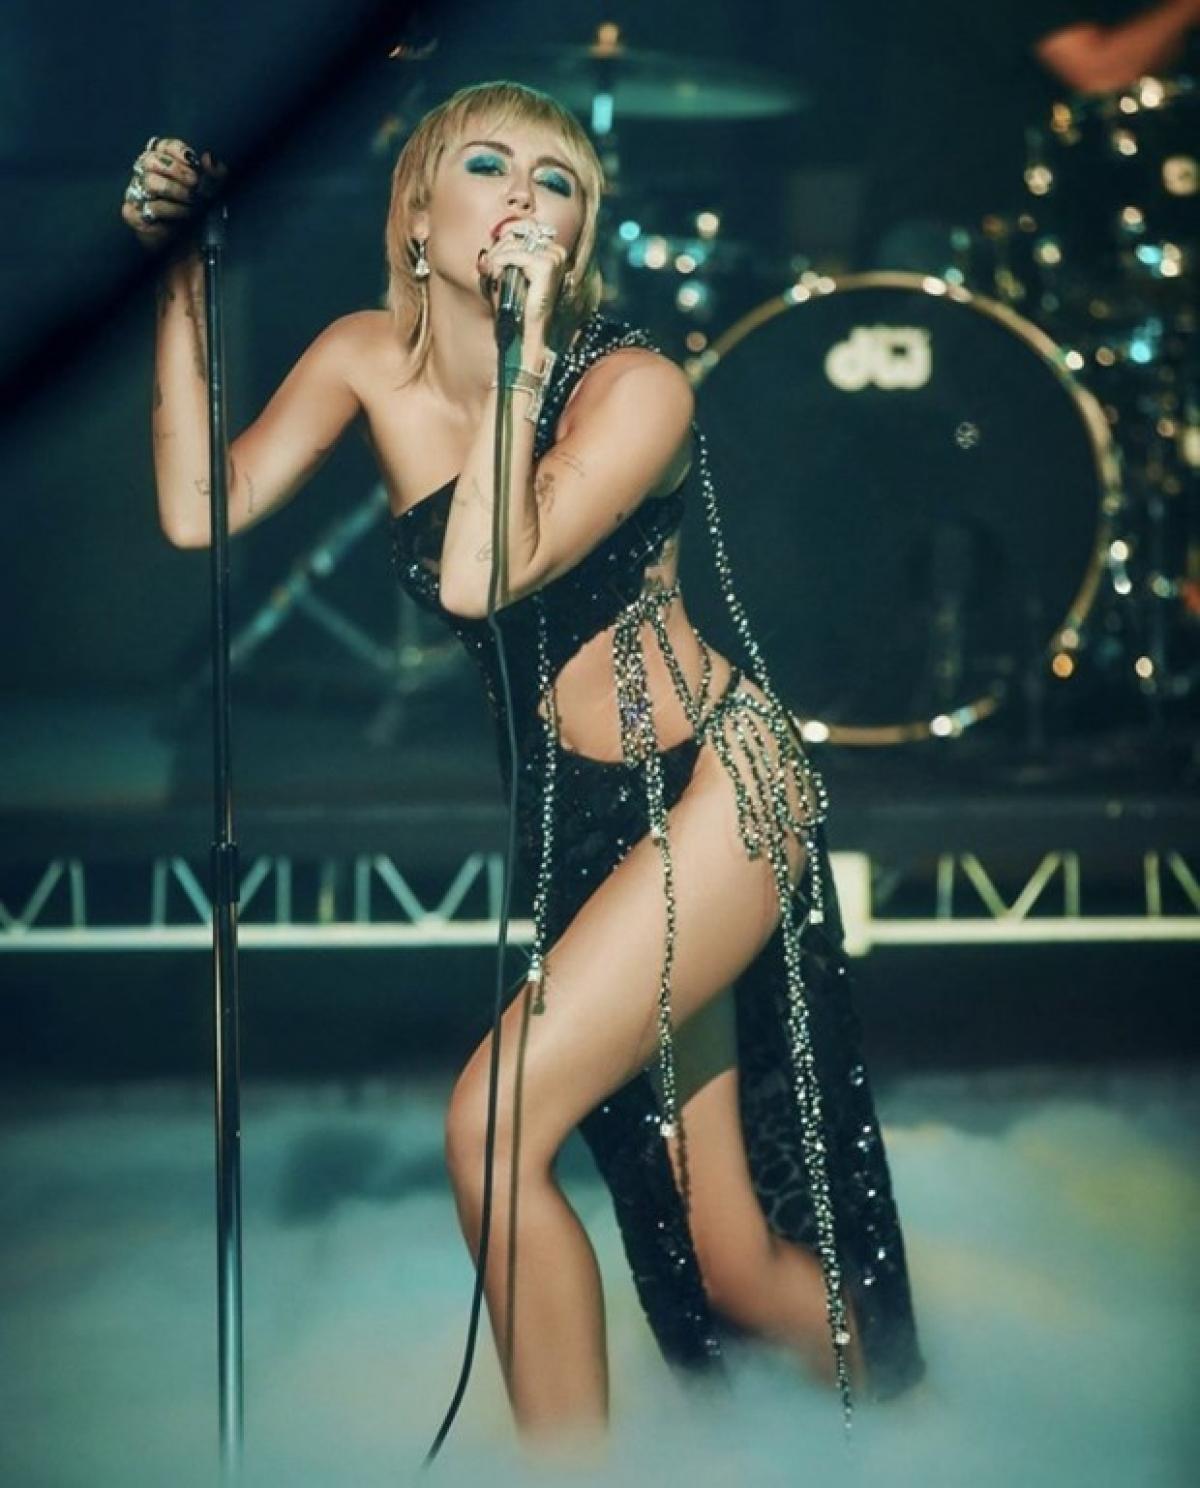 Nữ ca sĩ Miley Cyrus trong thiết kế của Công Trí.